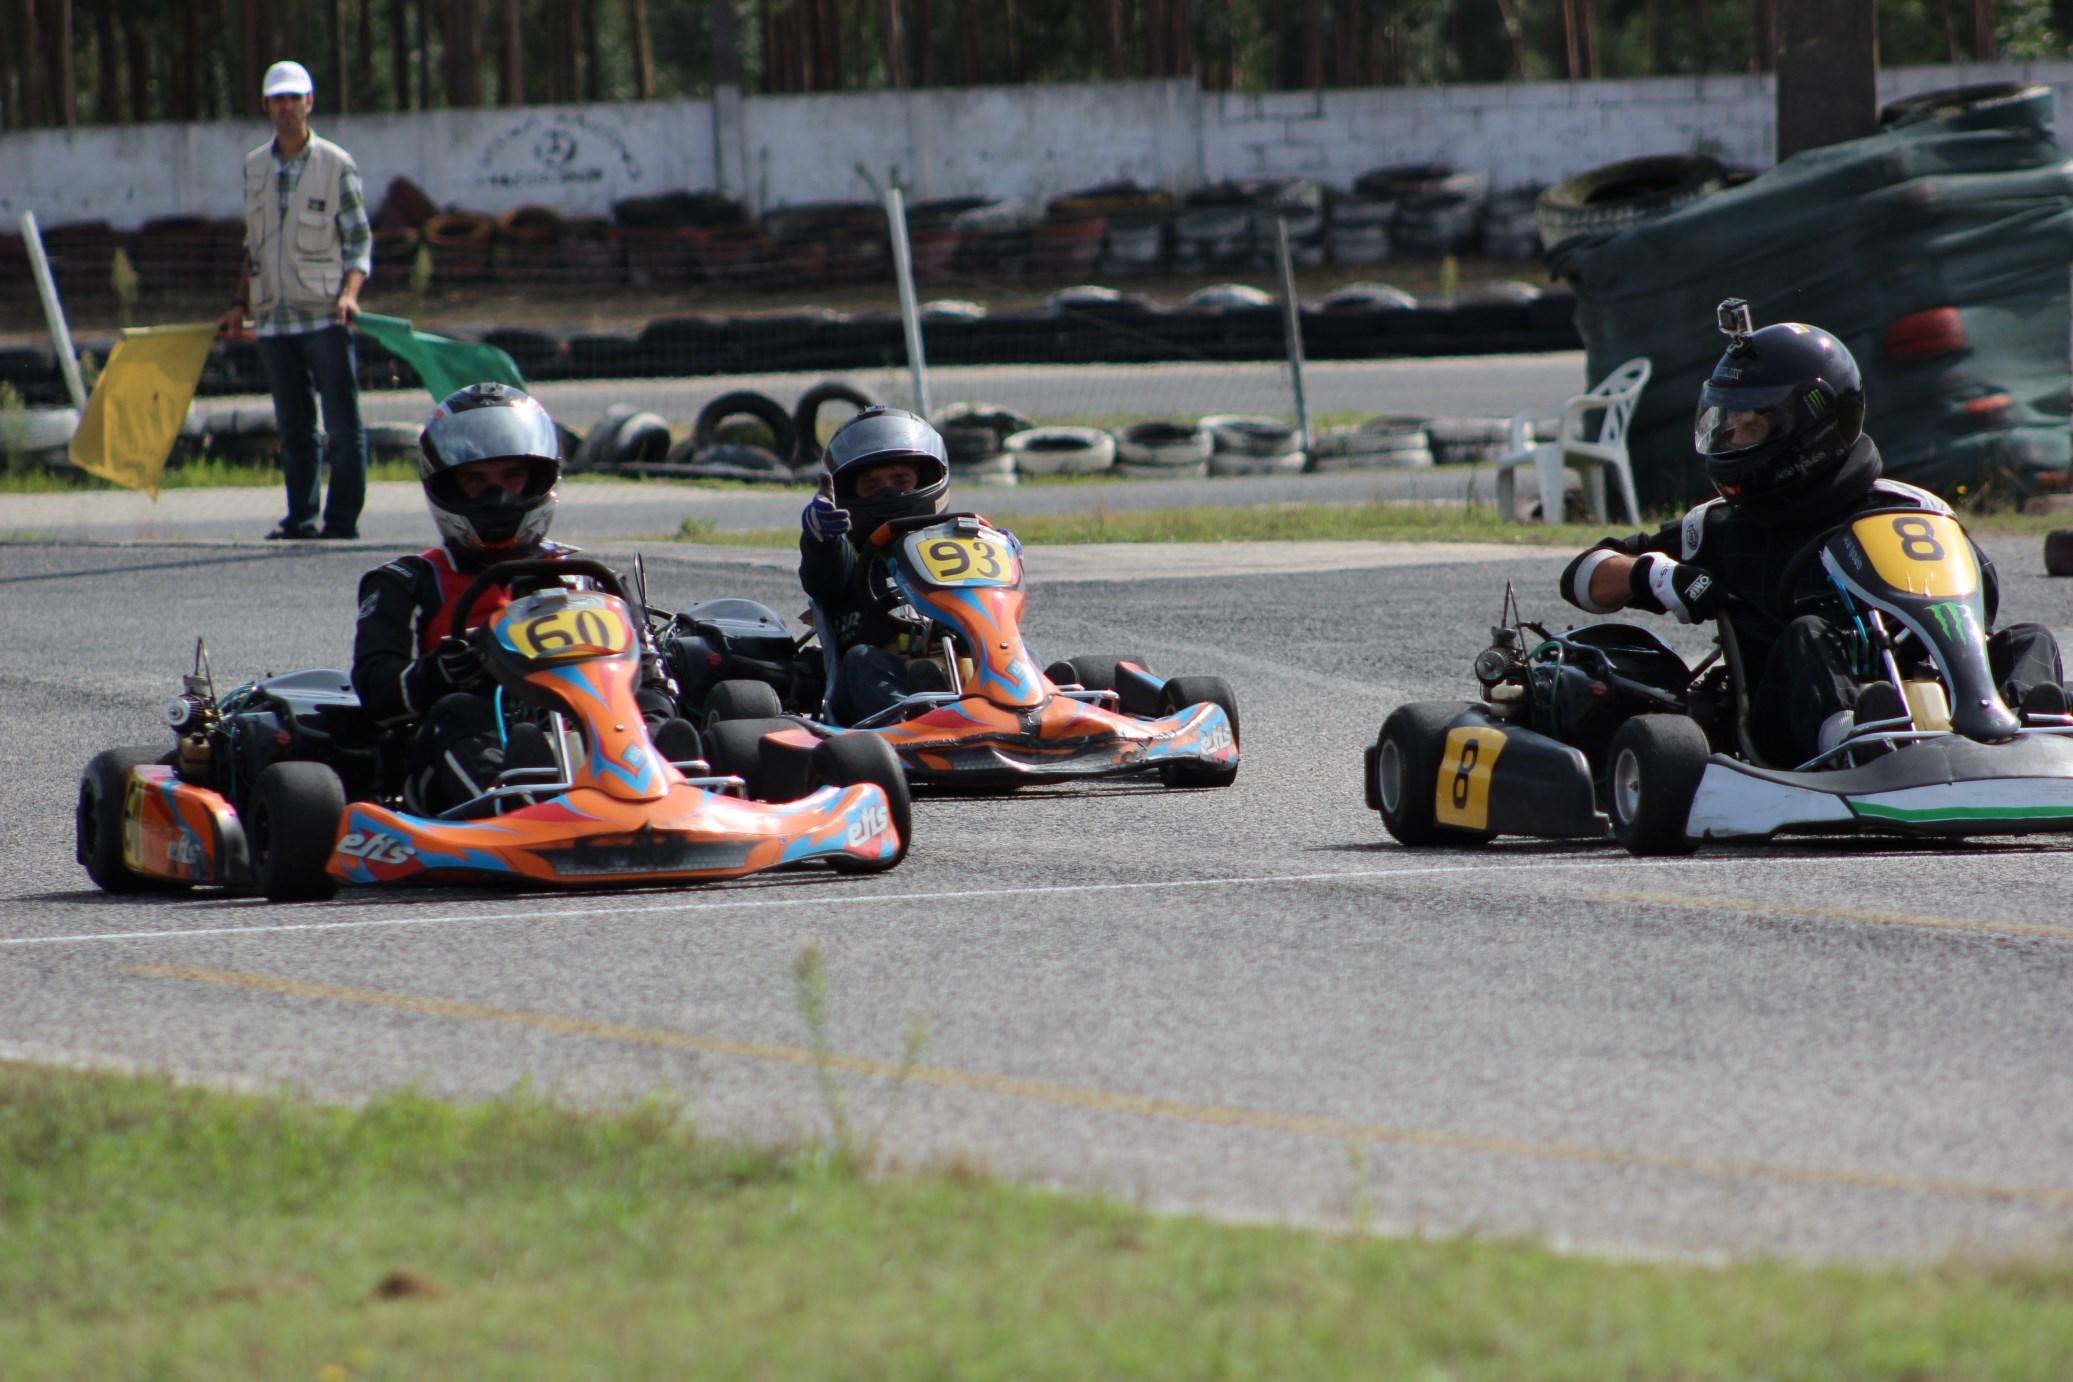 Troféu Honda 2014 - 3ª Prova139